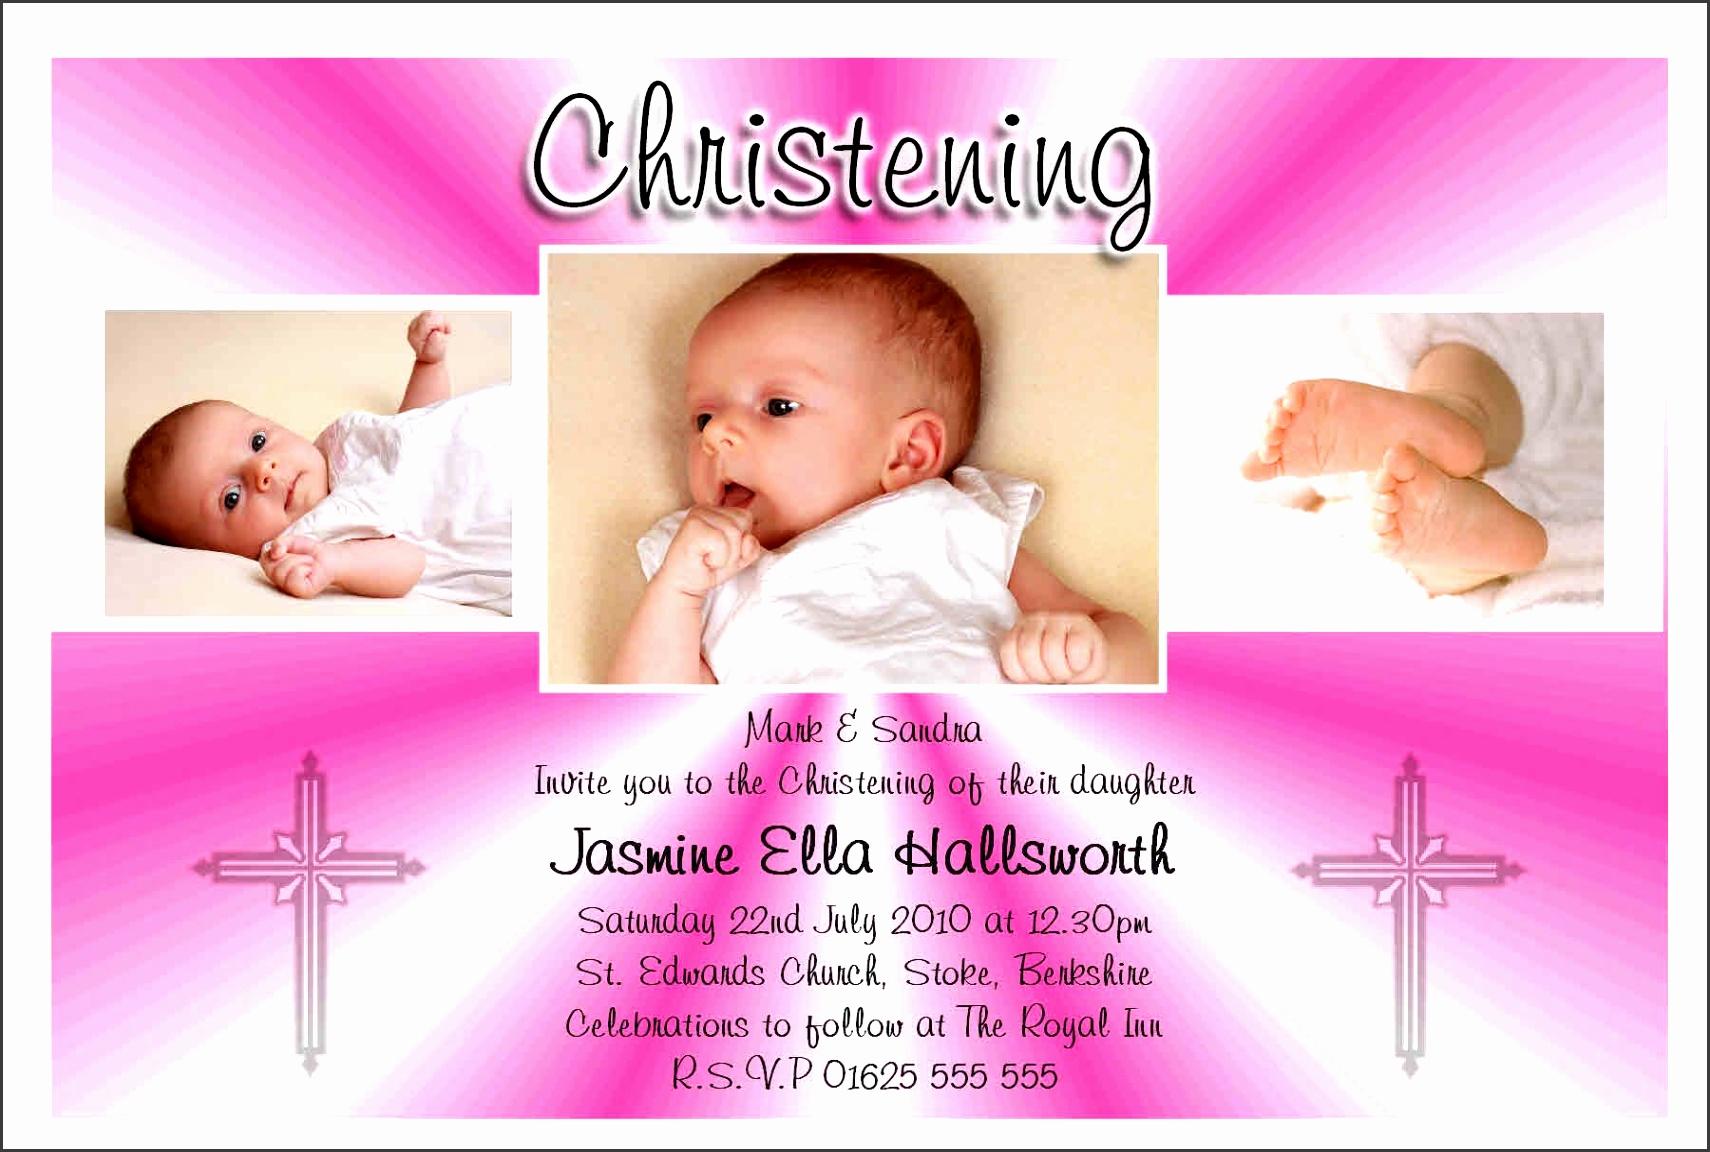 Christening Invitation Card